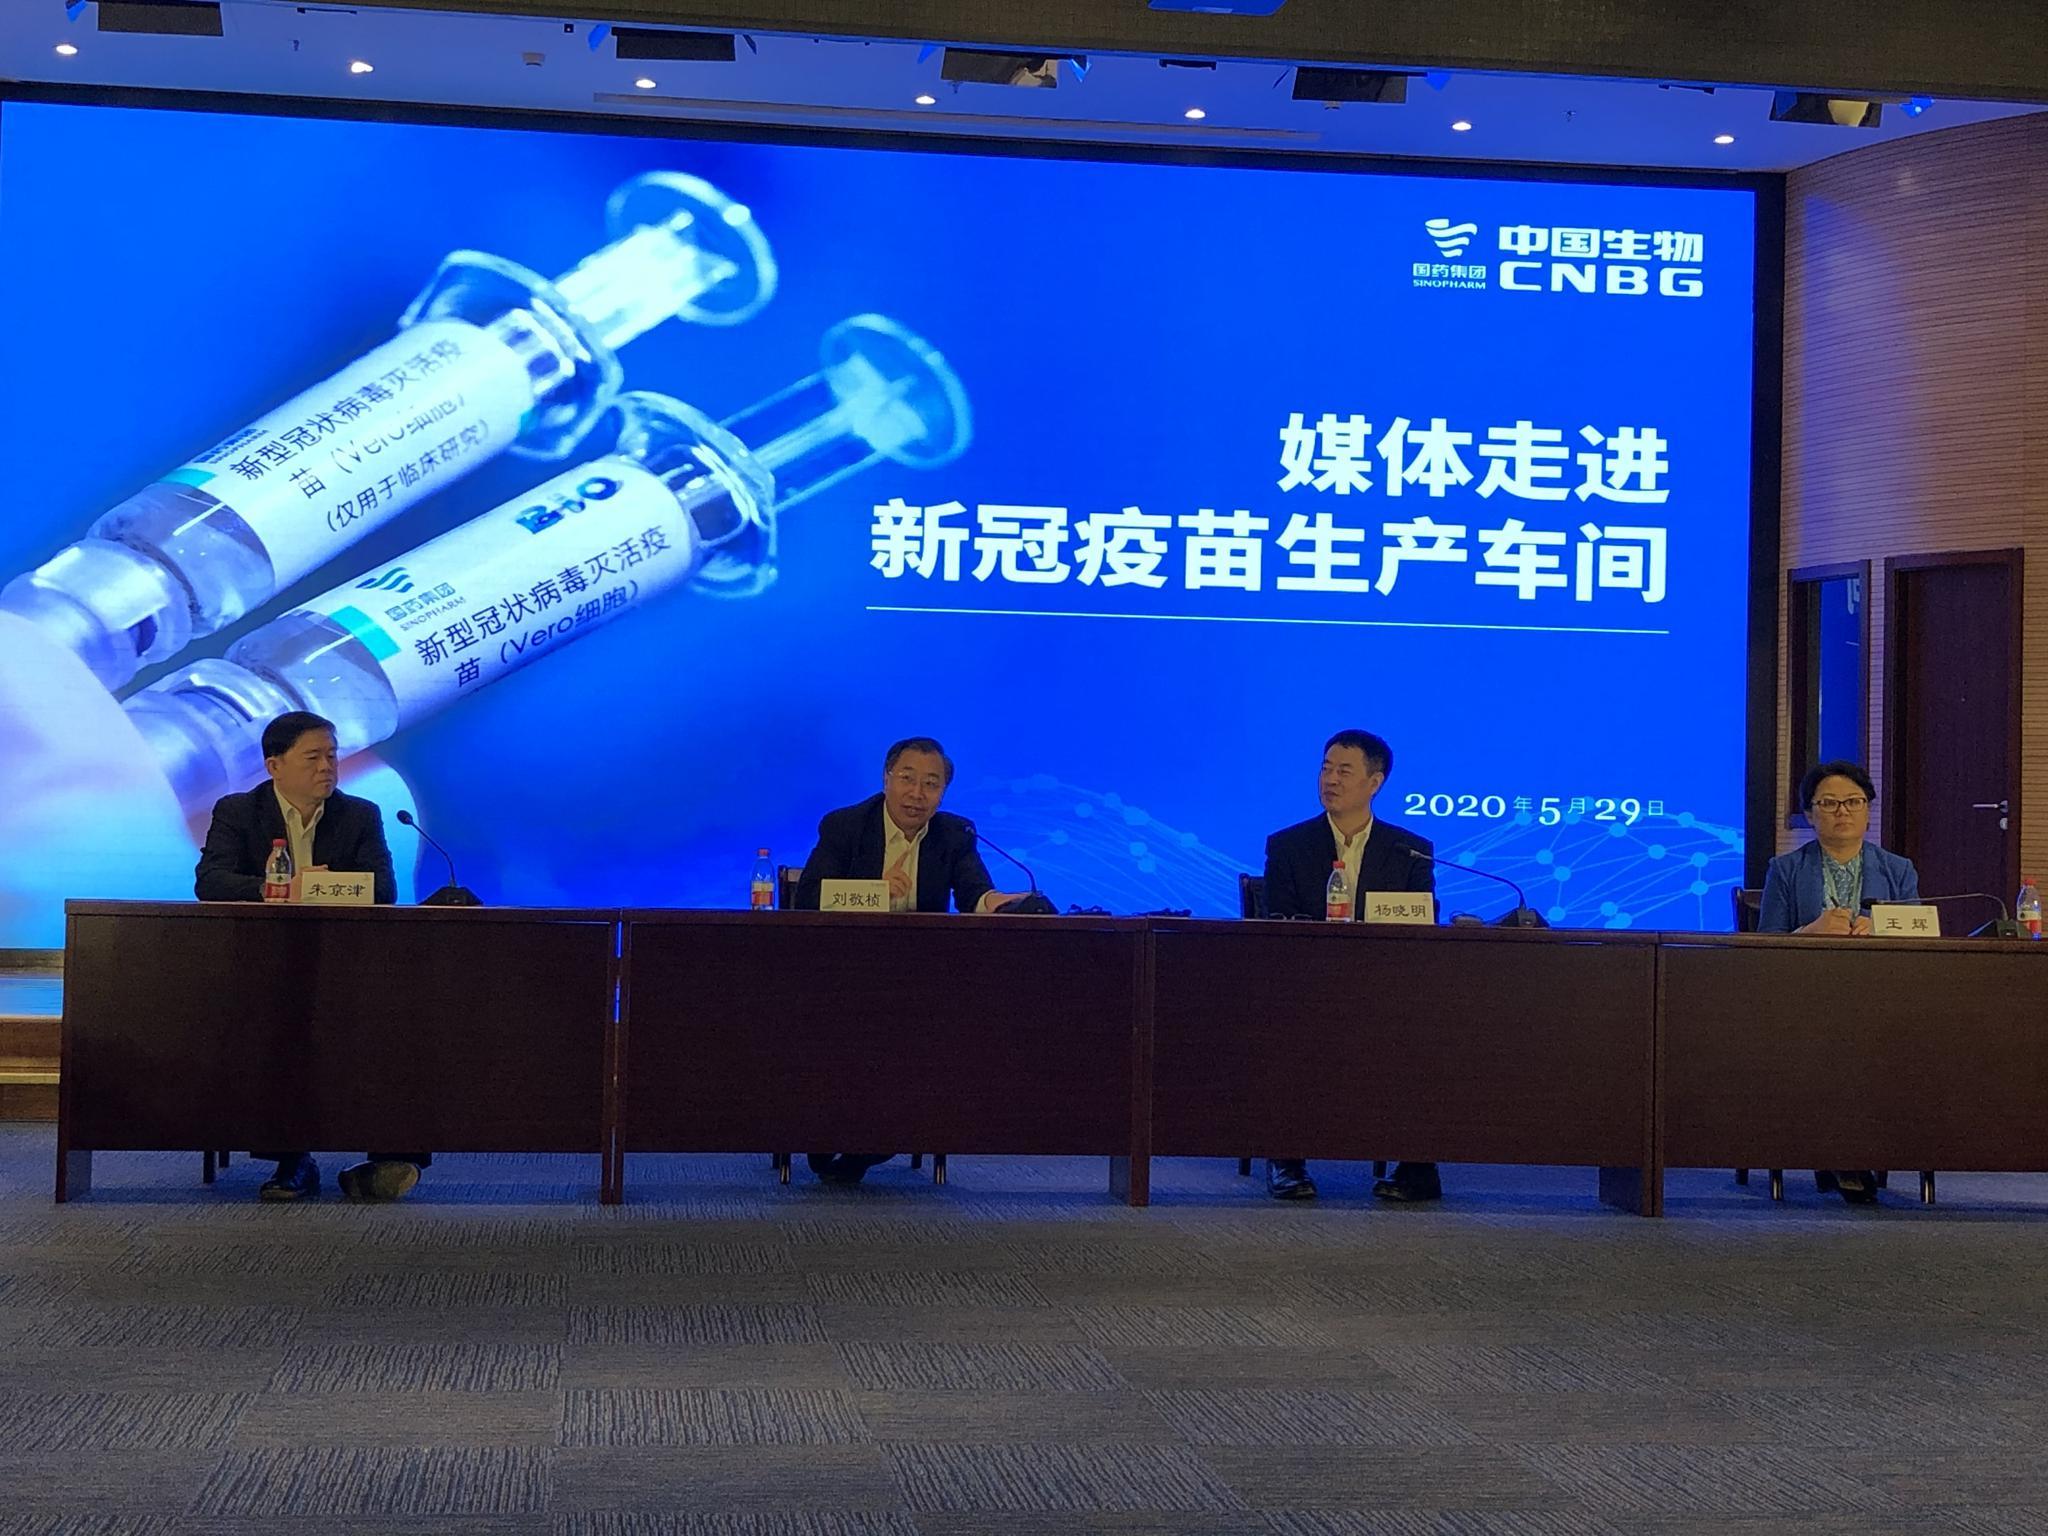 国药集团董事长:企业负责人以身试药 证明新冠疫苗安全有效图片